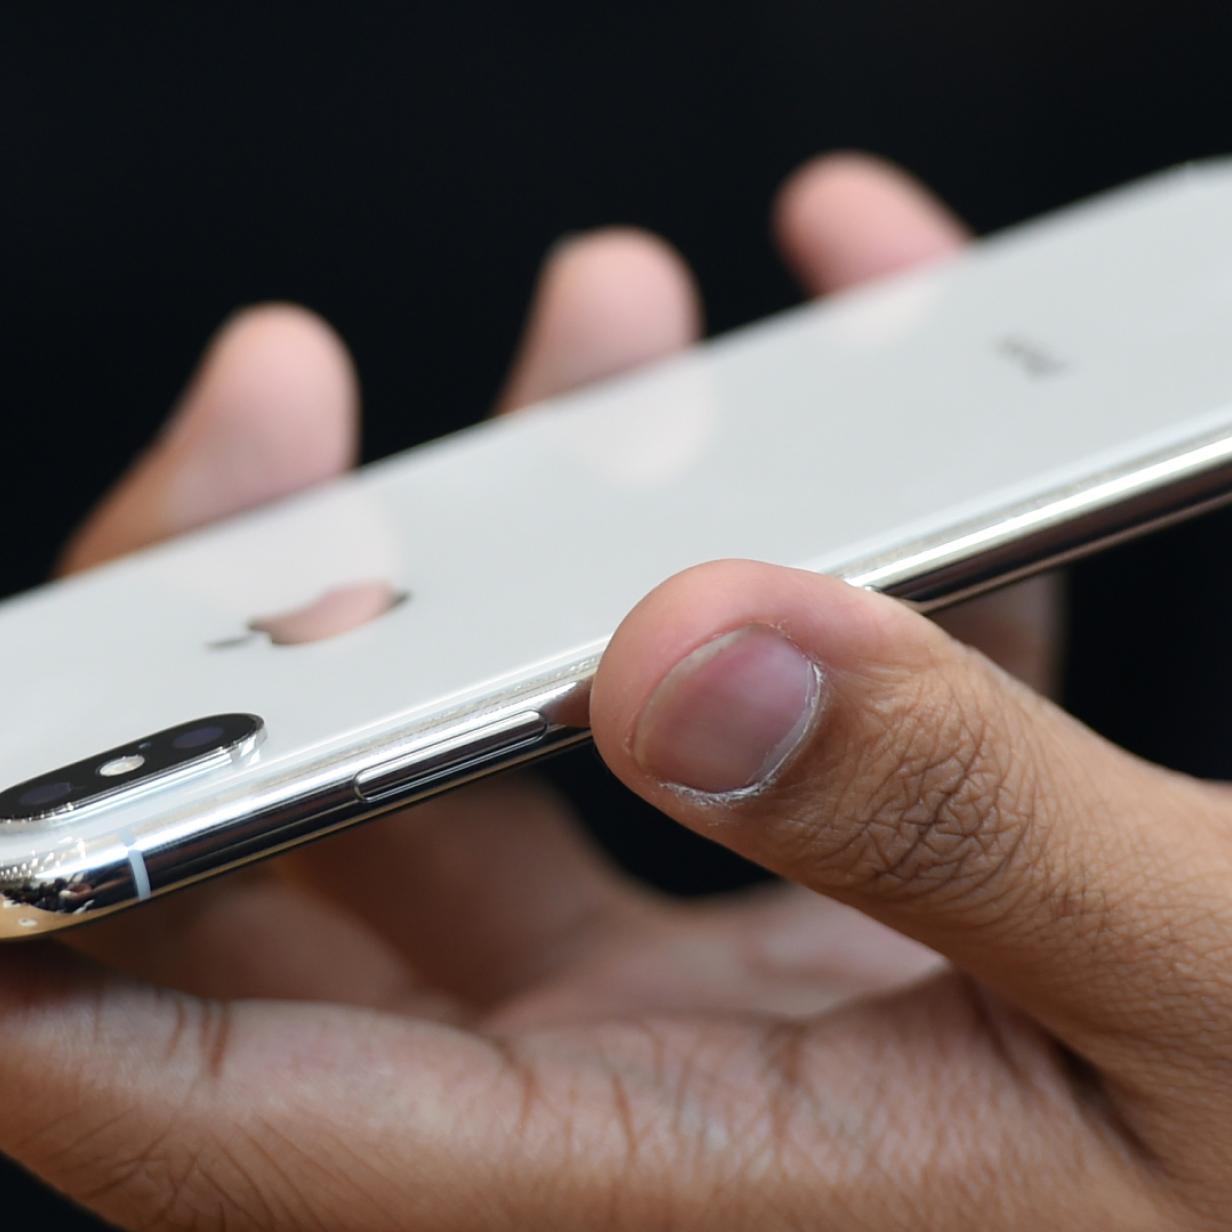 Patent zeigt, wie iPhones vor IMSI-Catchern warnen könnten